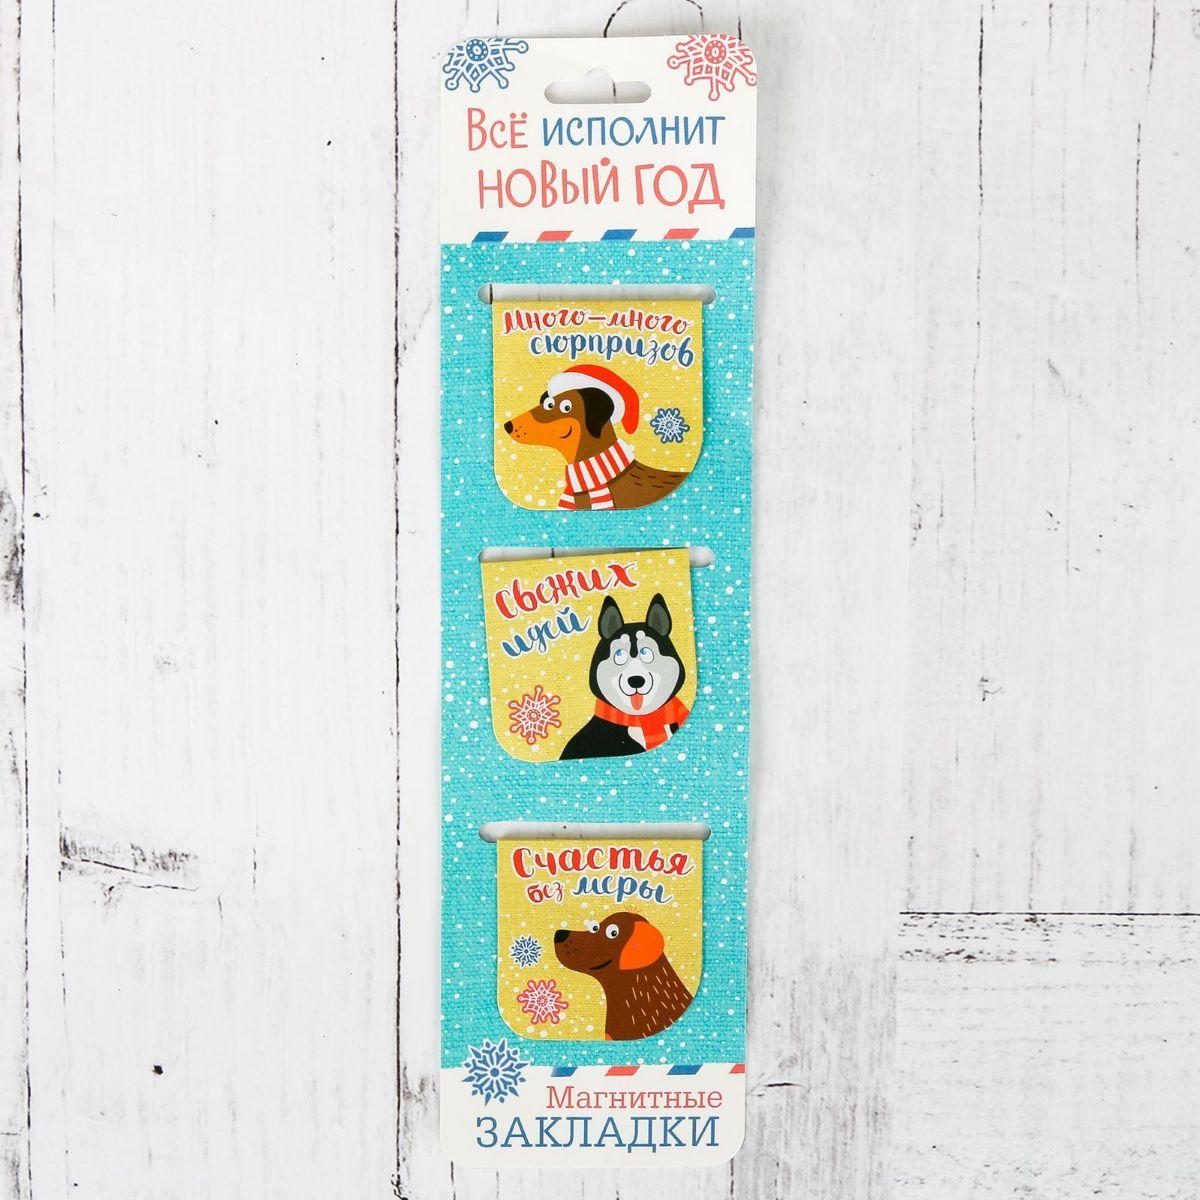 Sima-land Набор новогодних закладок Все исполнит Новый год2415271Набор весёлых магнитных закладок поможет организовать рабочее пространство и досуг, а яркие изображения персонажей добавят положительных эмоций!